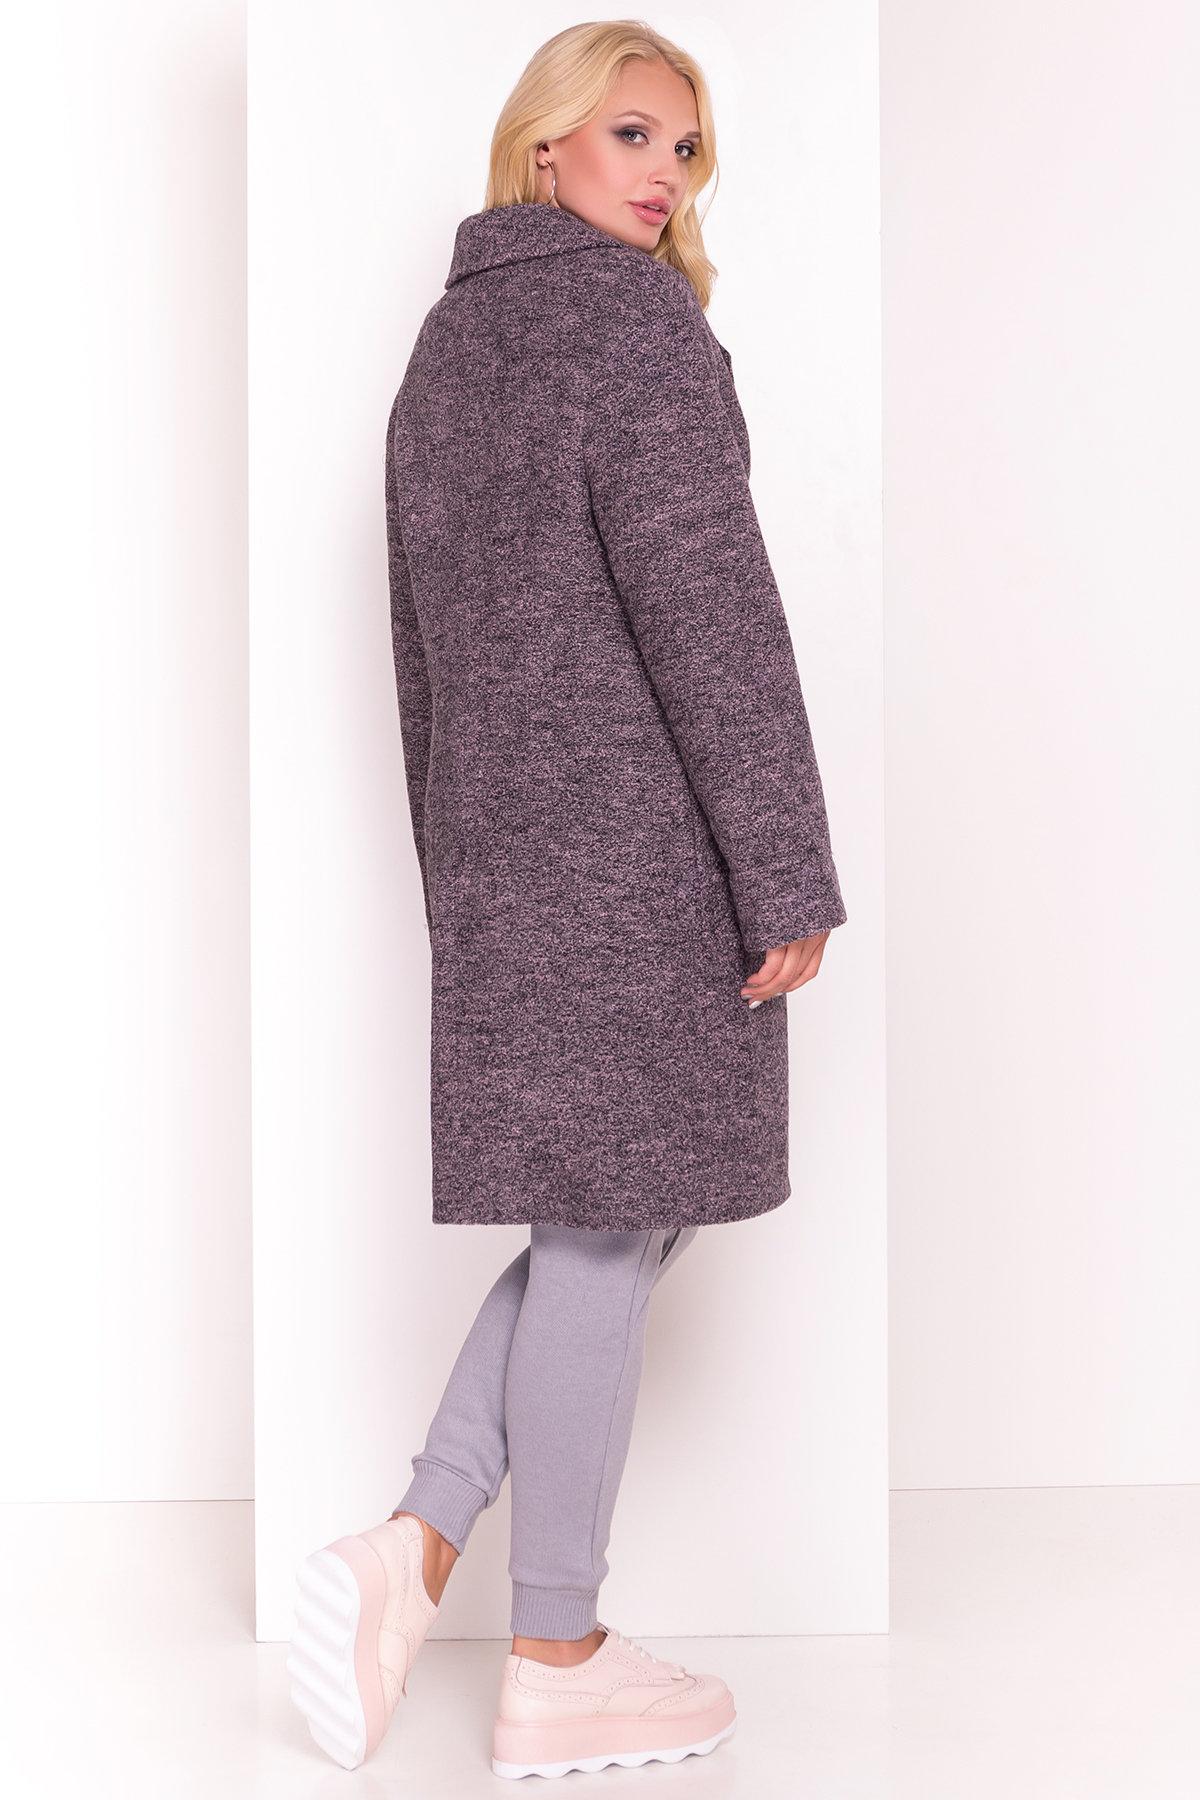 Пальто Арсина Donna 4451 АРТ. 21635 Цвет: Черный/розовый-LW19 - фото 4, интернет магазин tm-modus.ru